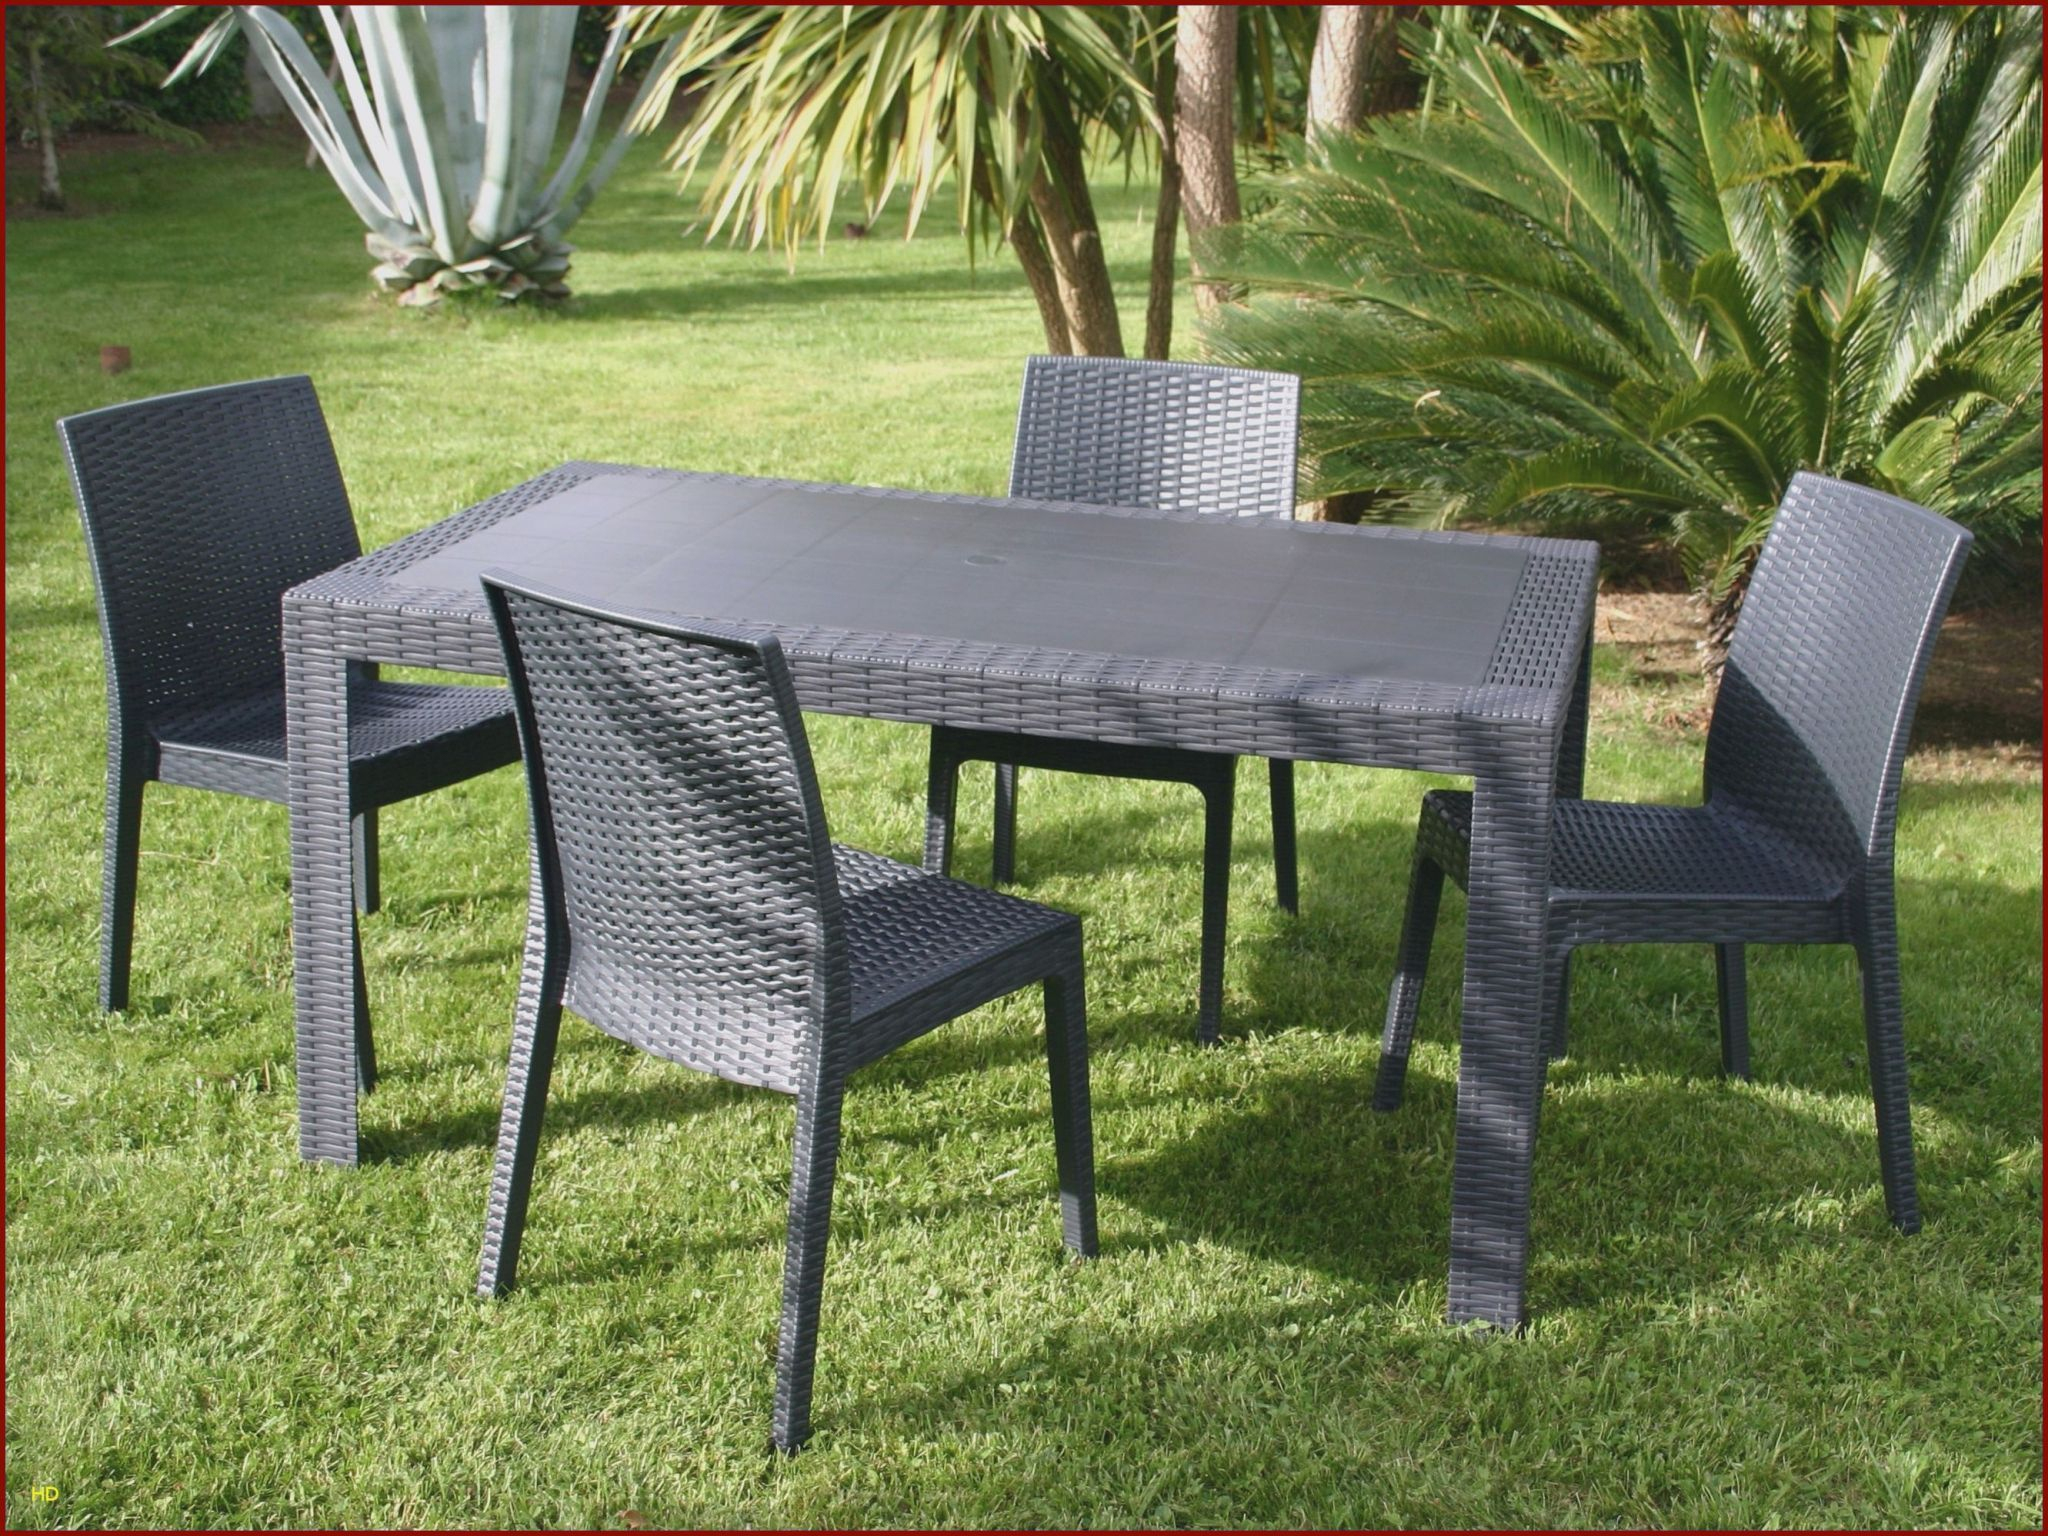 Chaises Luxe Chaise Ice 0D Table Jardin Resine Lovely ... concernant Table Et Chaise De Jardin En Plastique